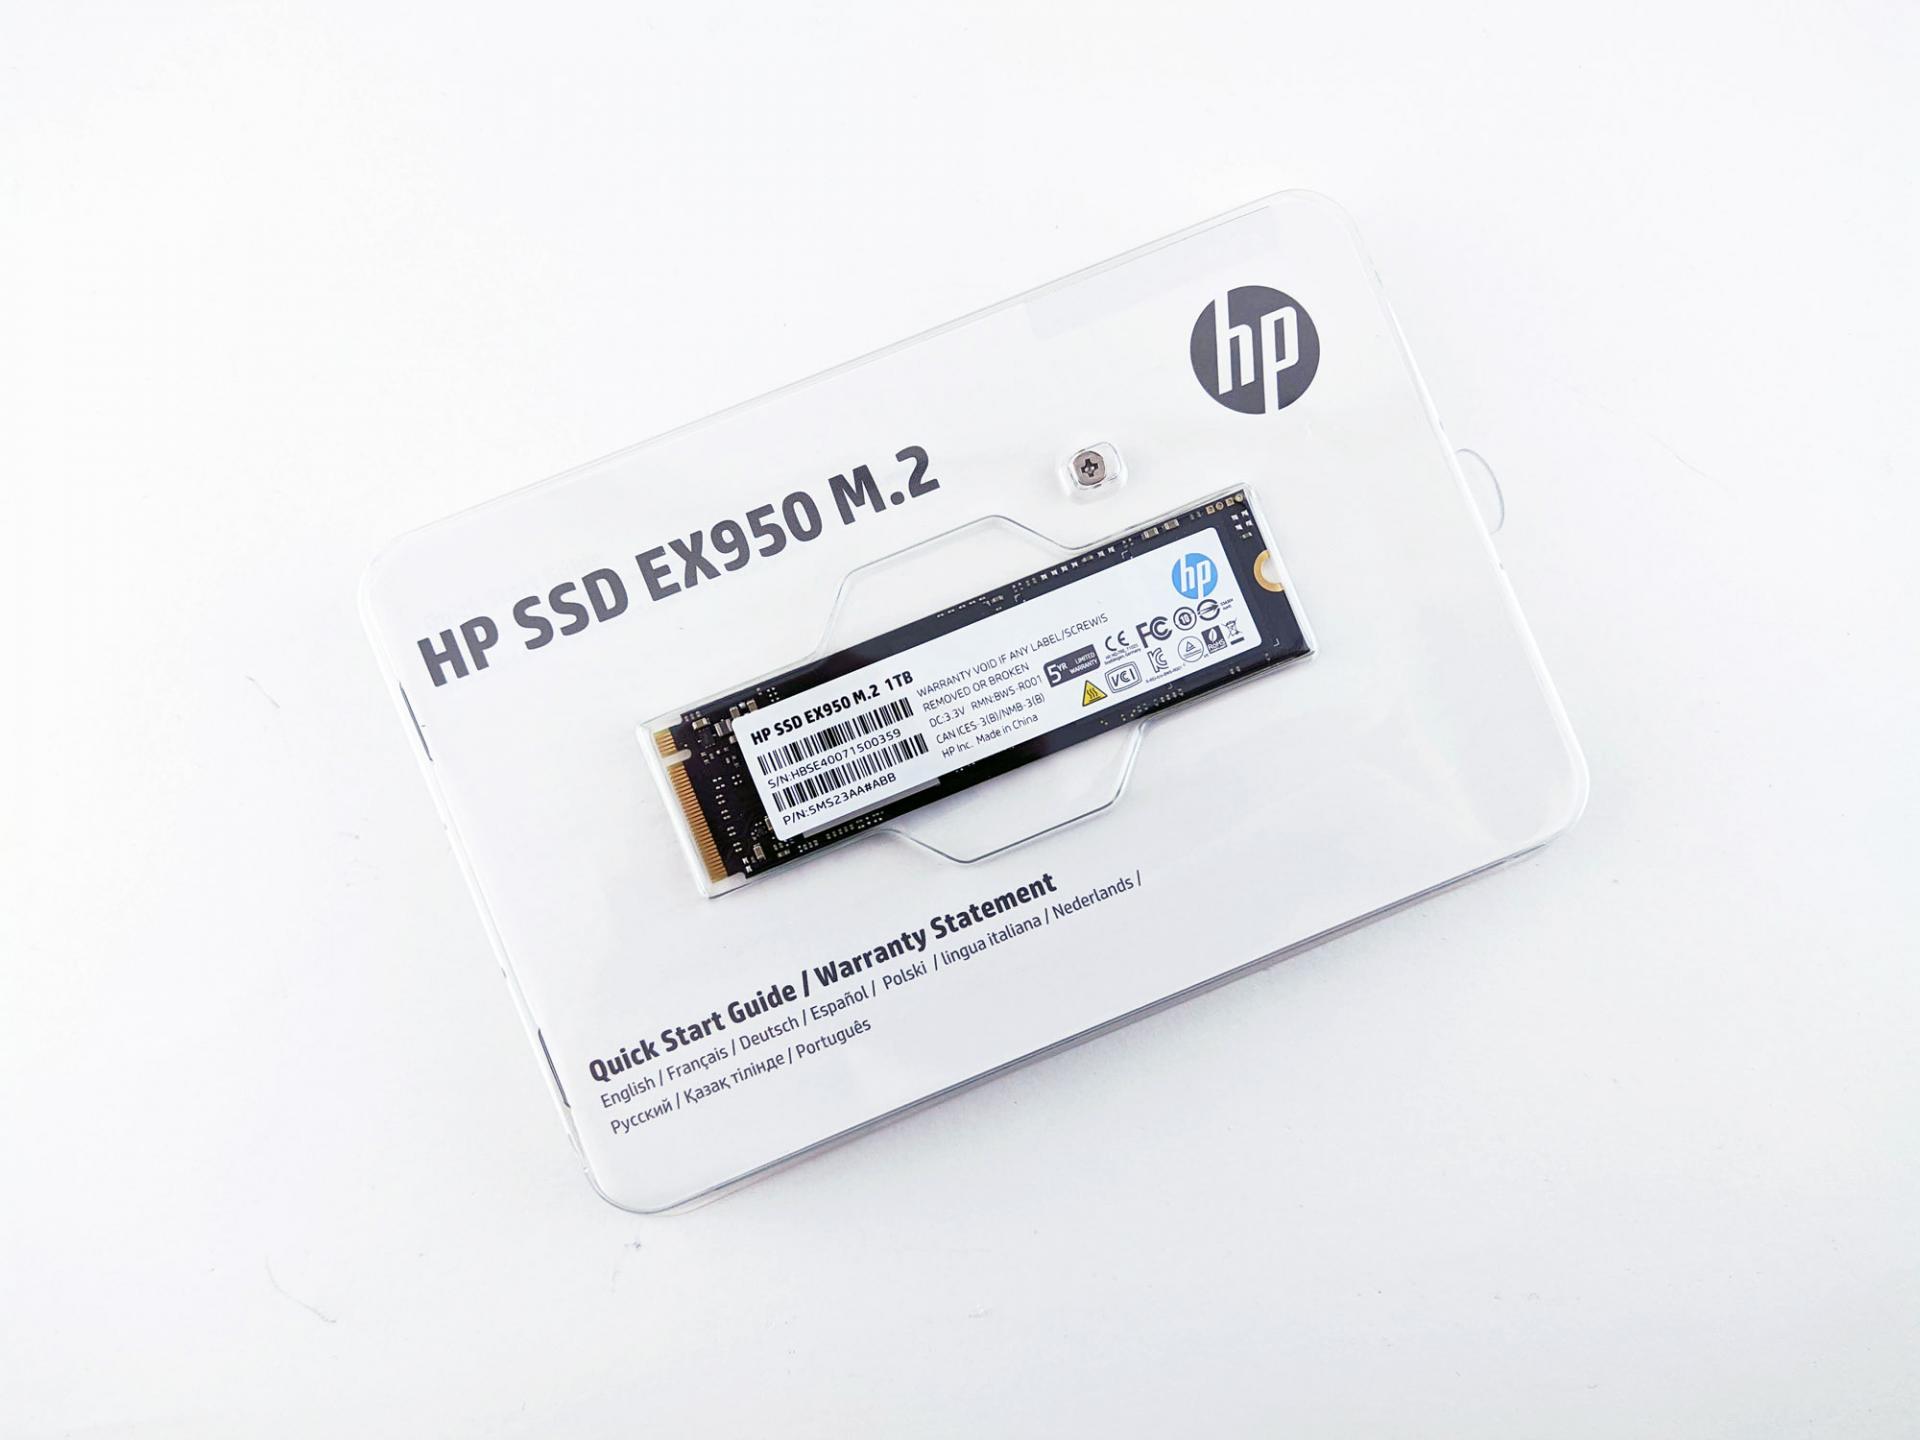 Тест-драйв SSD HPEX950